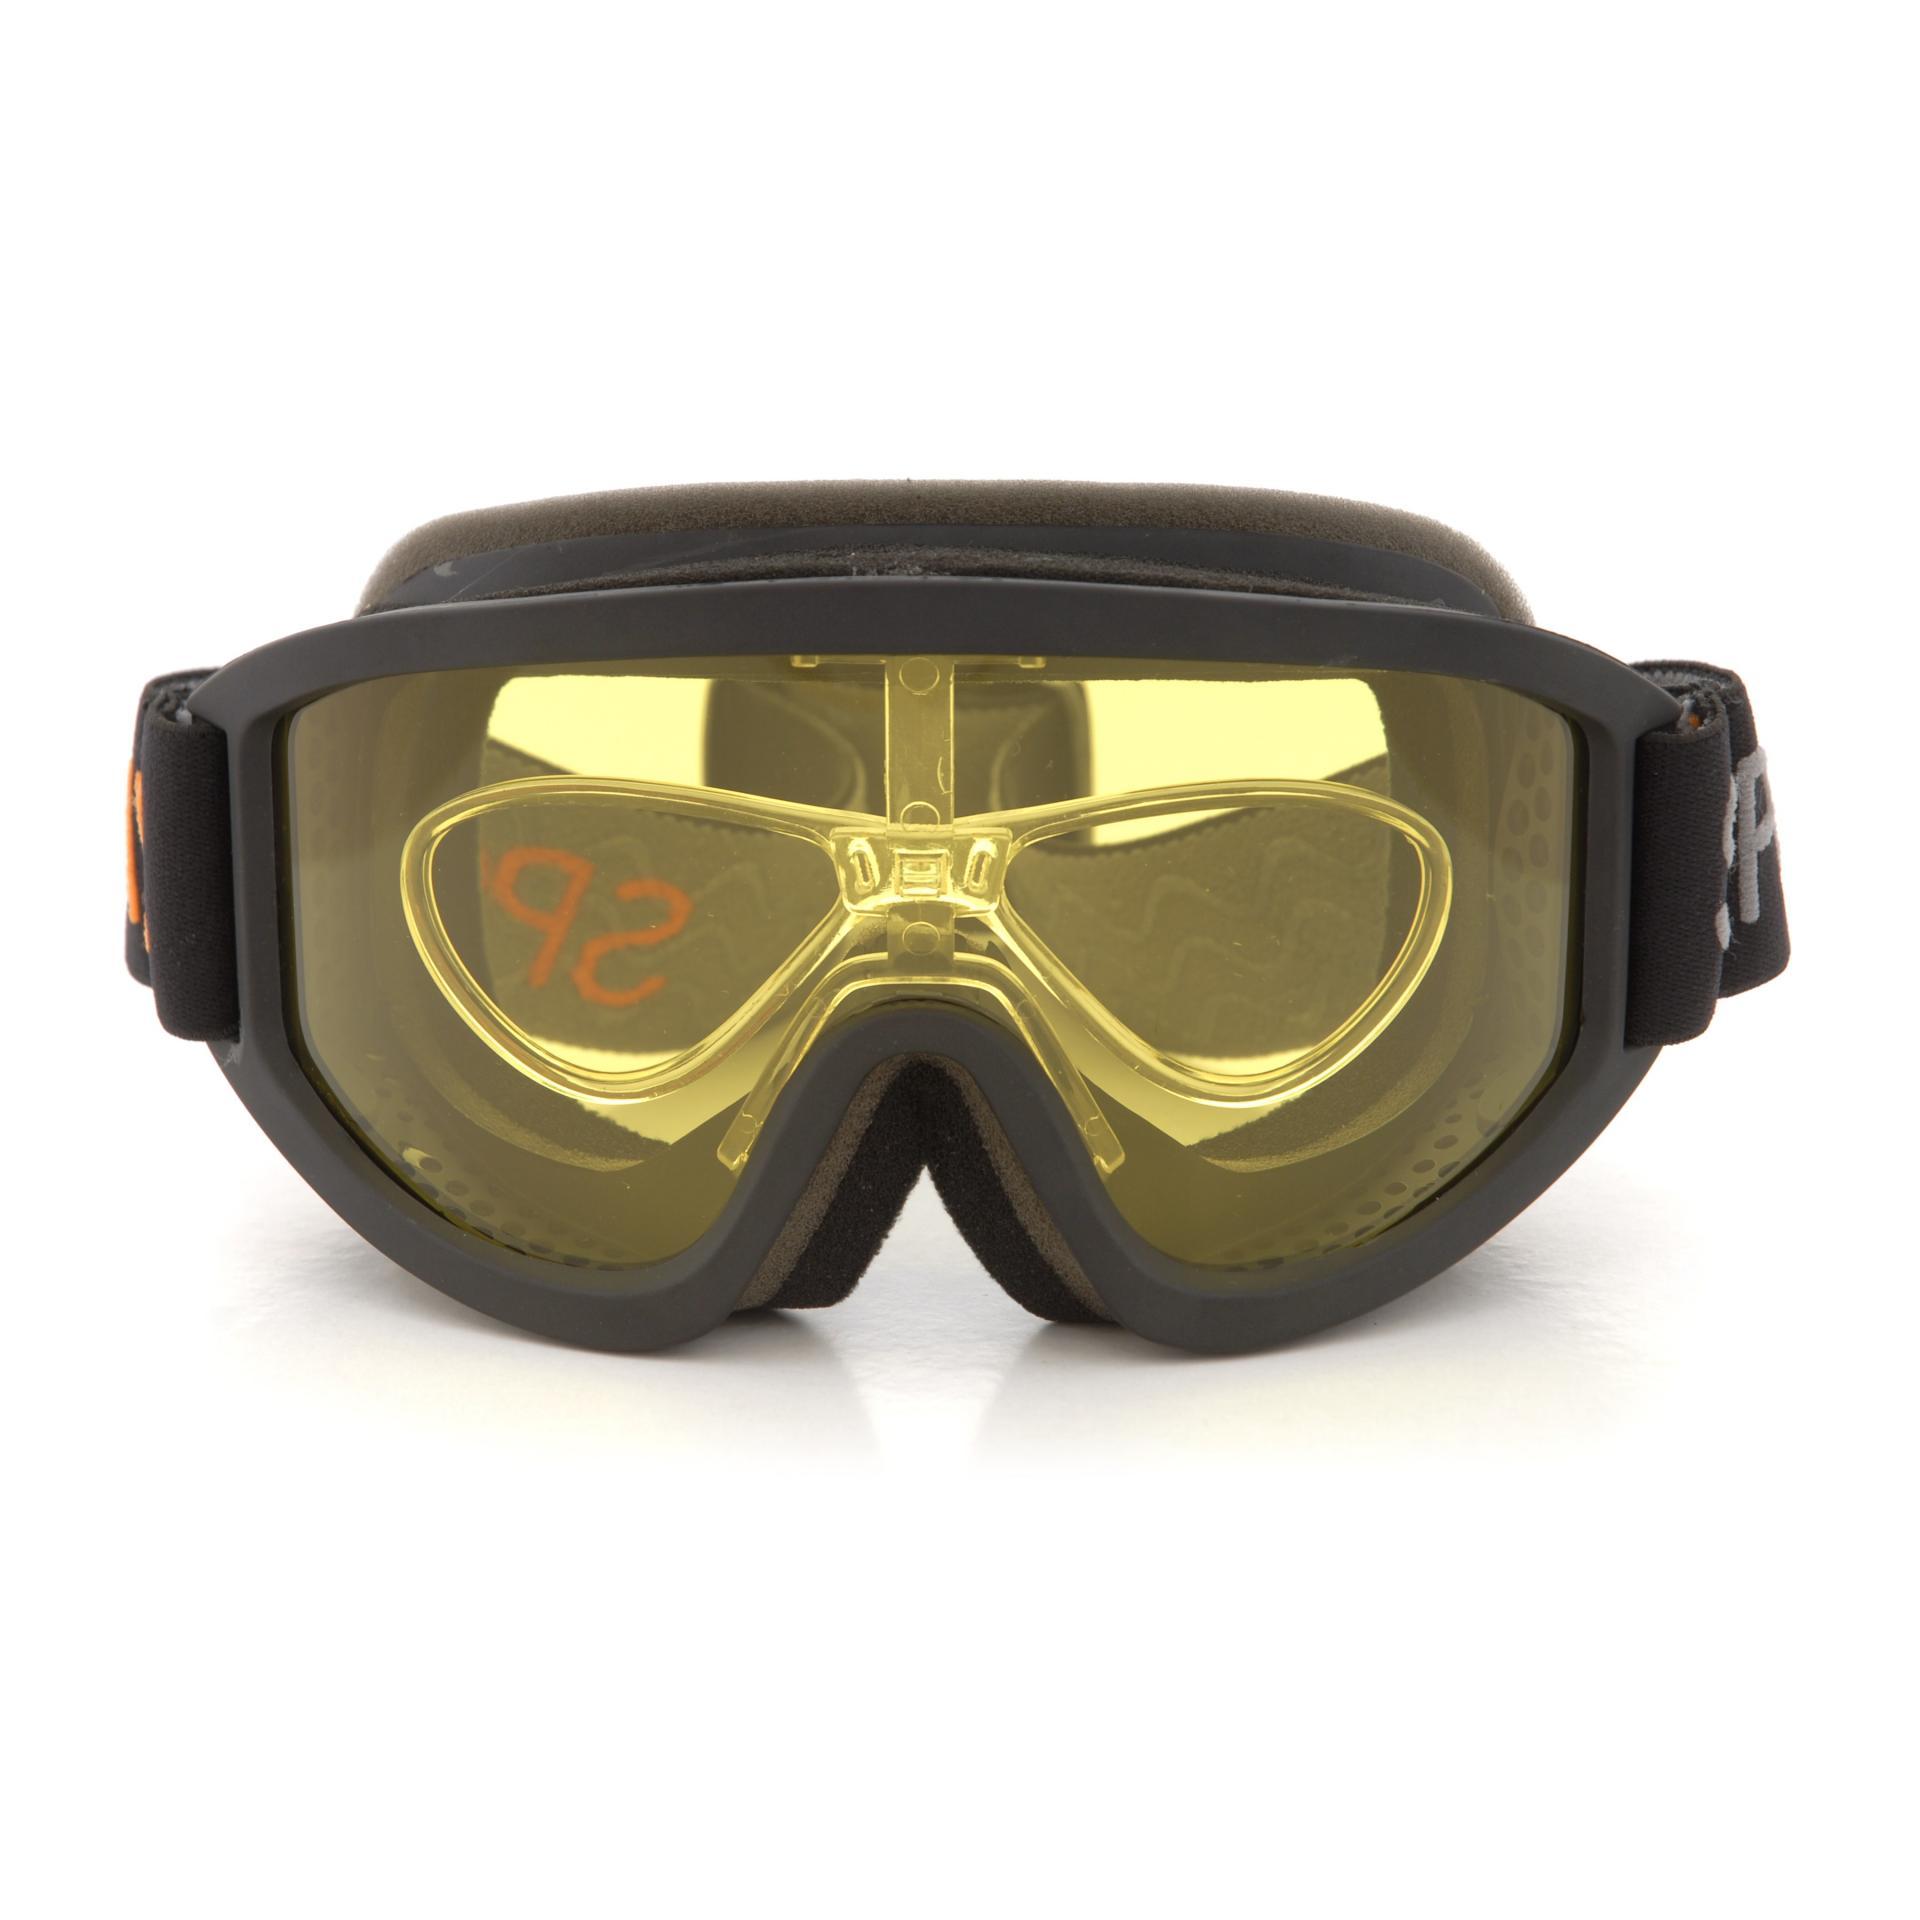 Masque pour porteur de lunettes